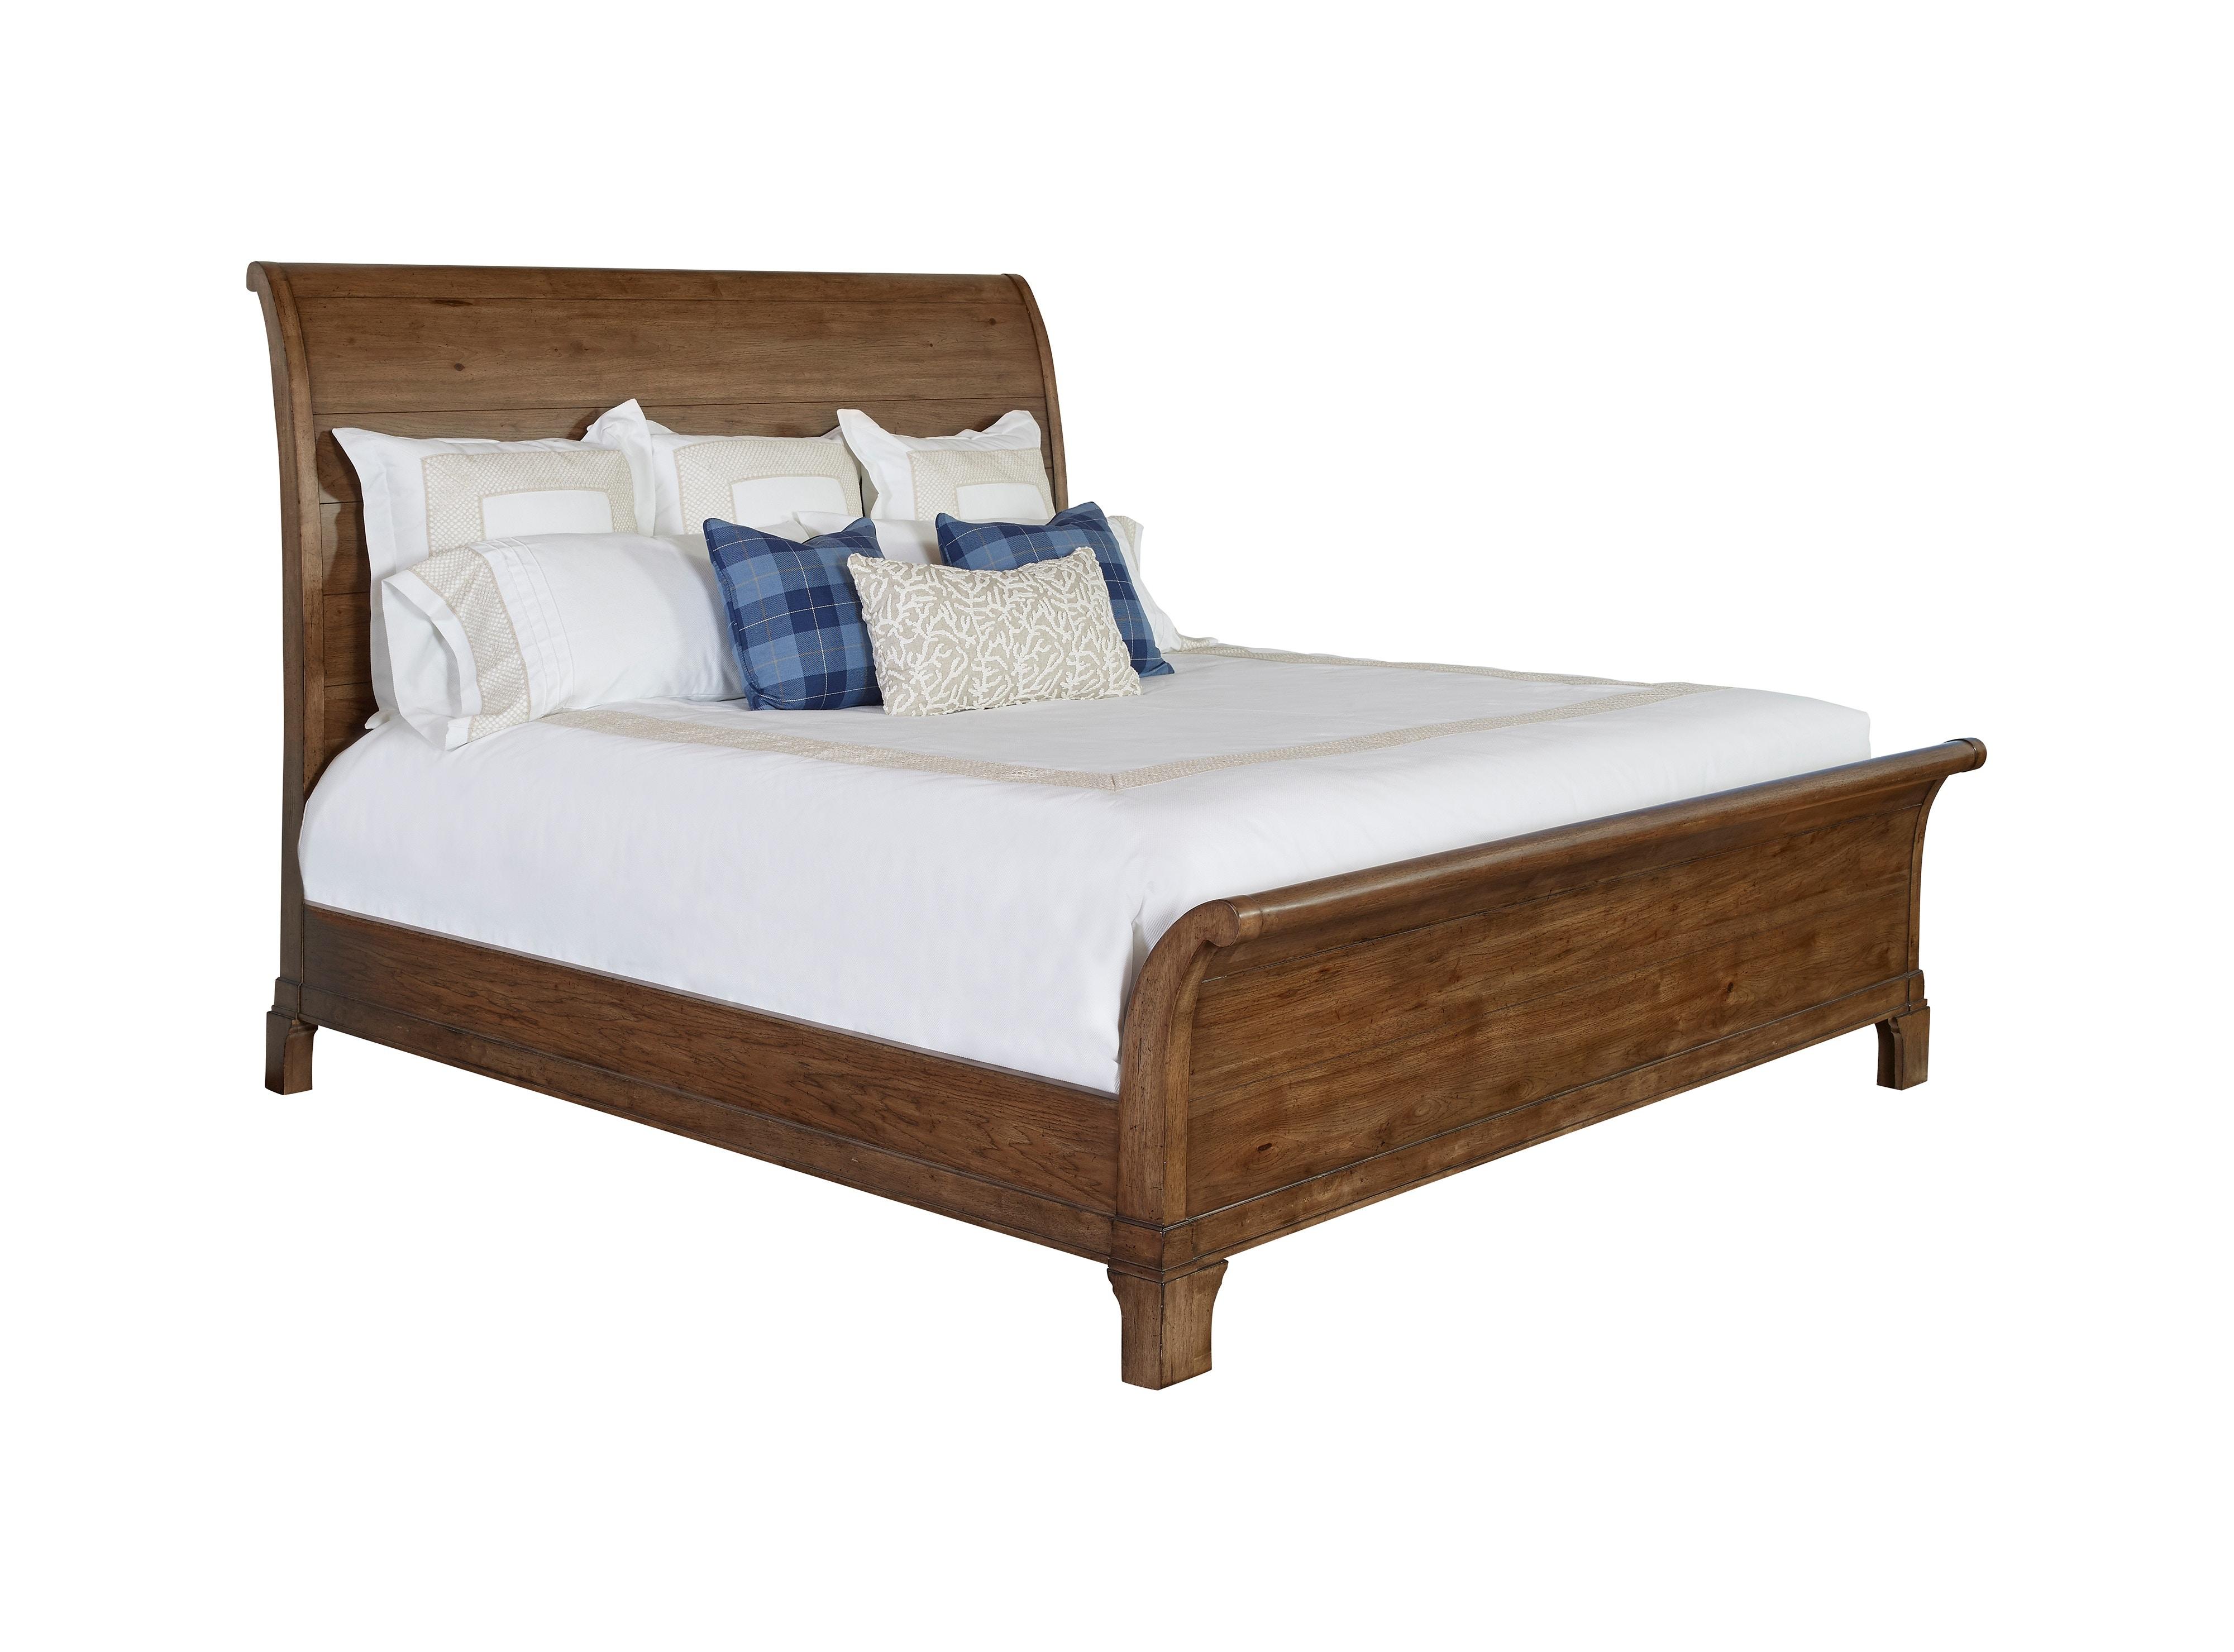 drexel suffolk sleigh bed queen 325352hb